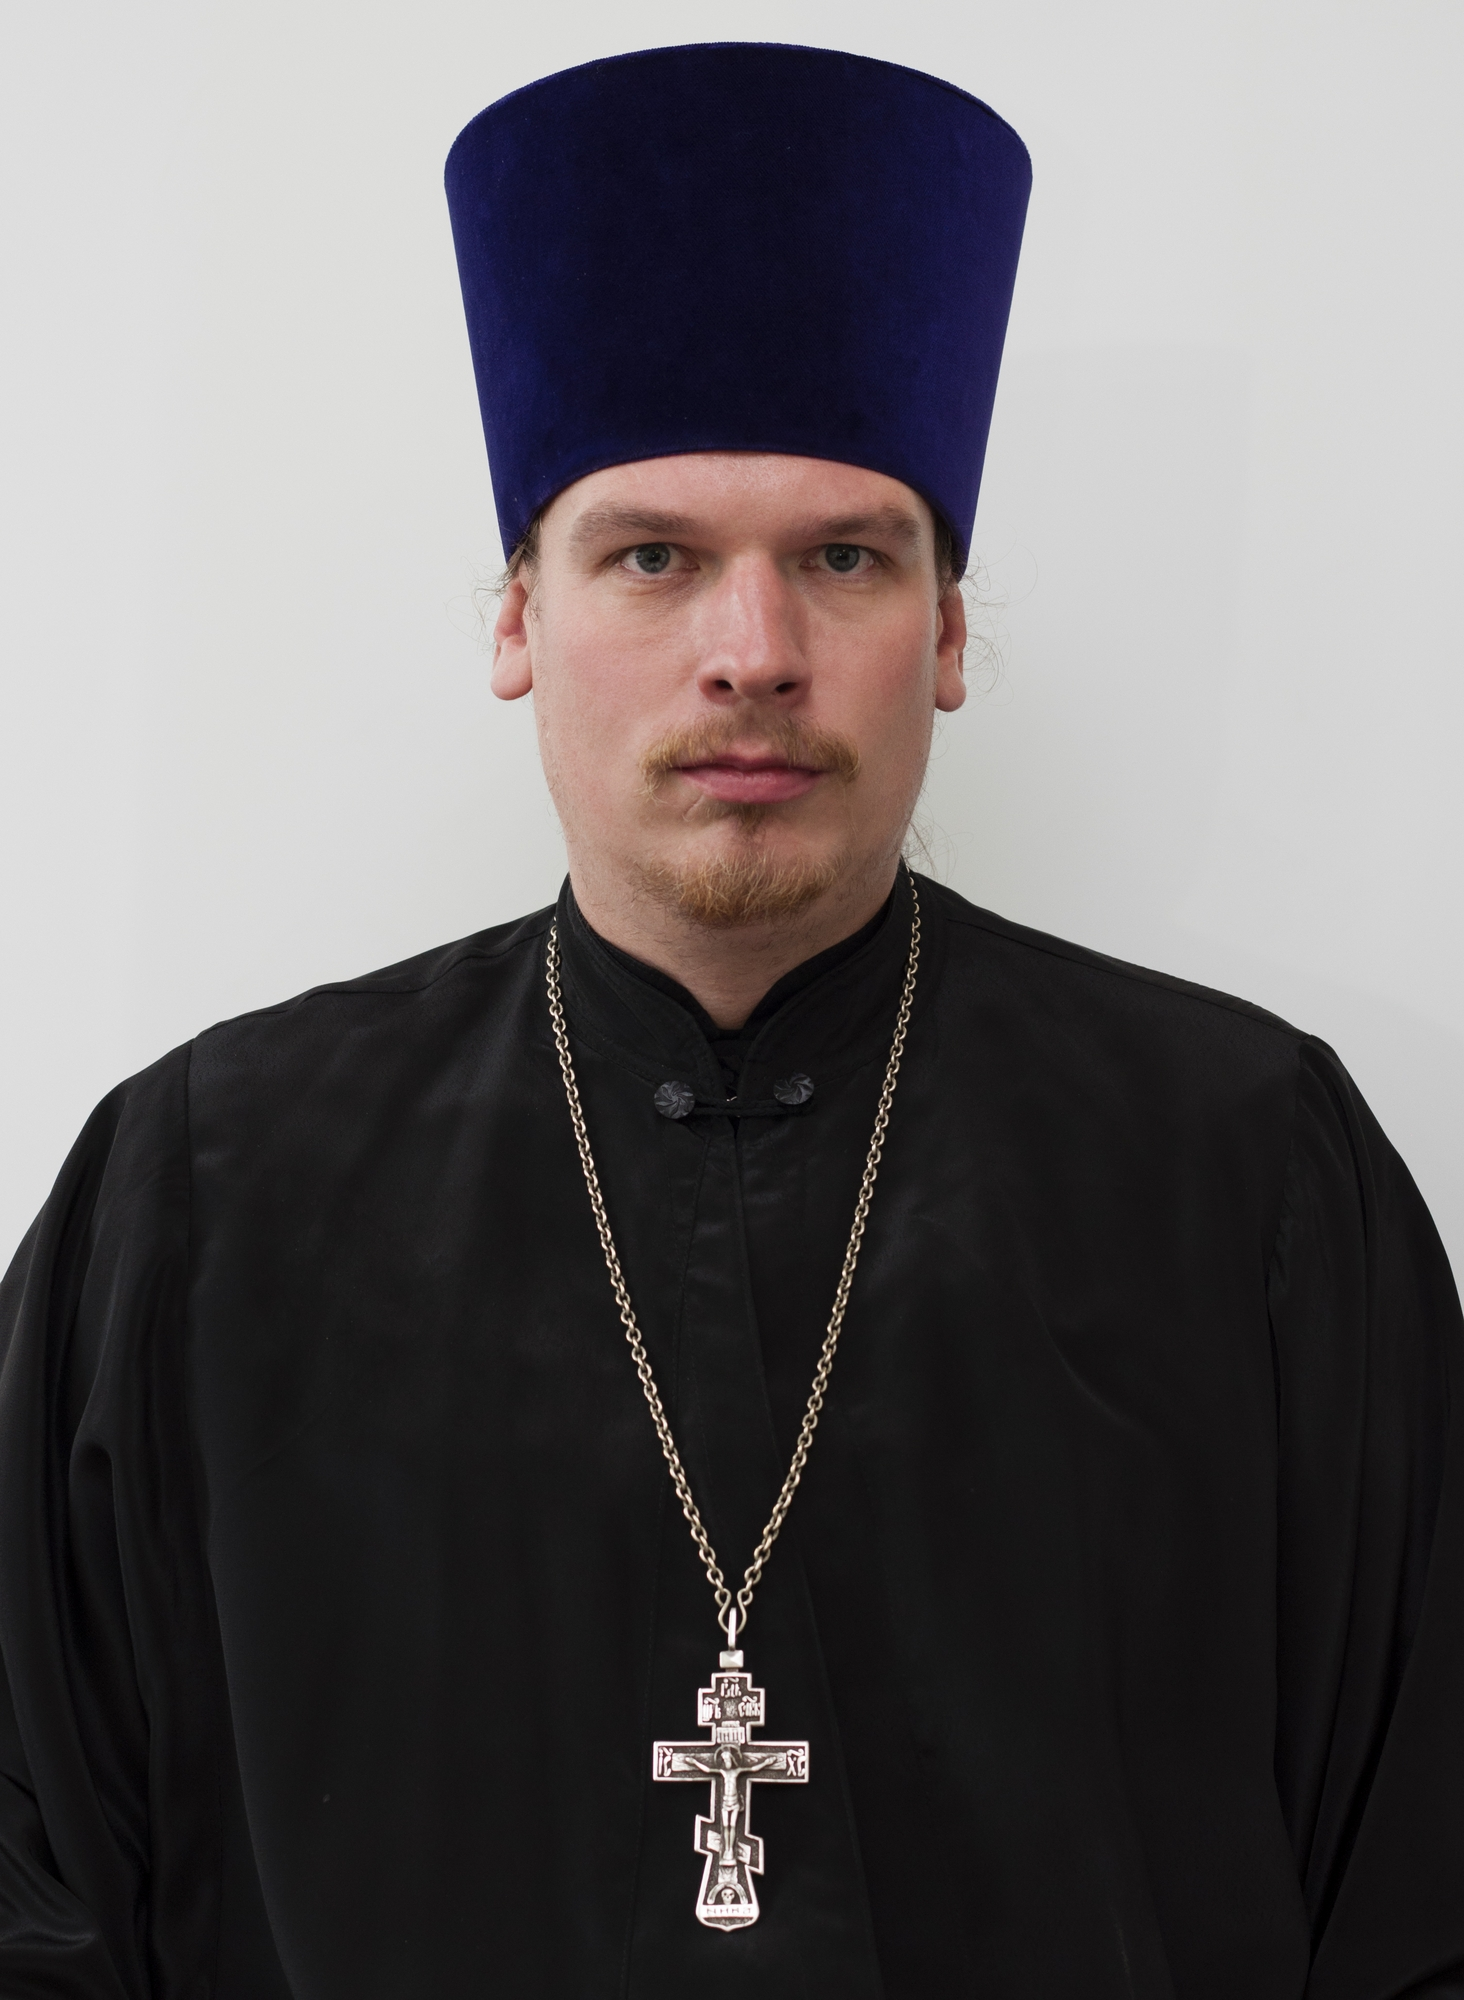 священник Александр Сергеевич Кузнецов